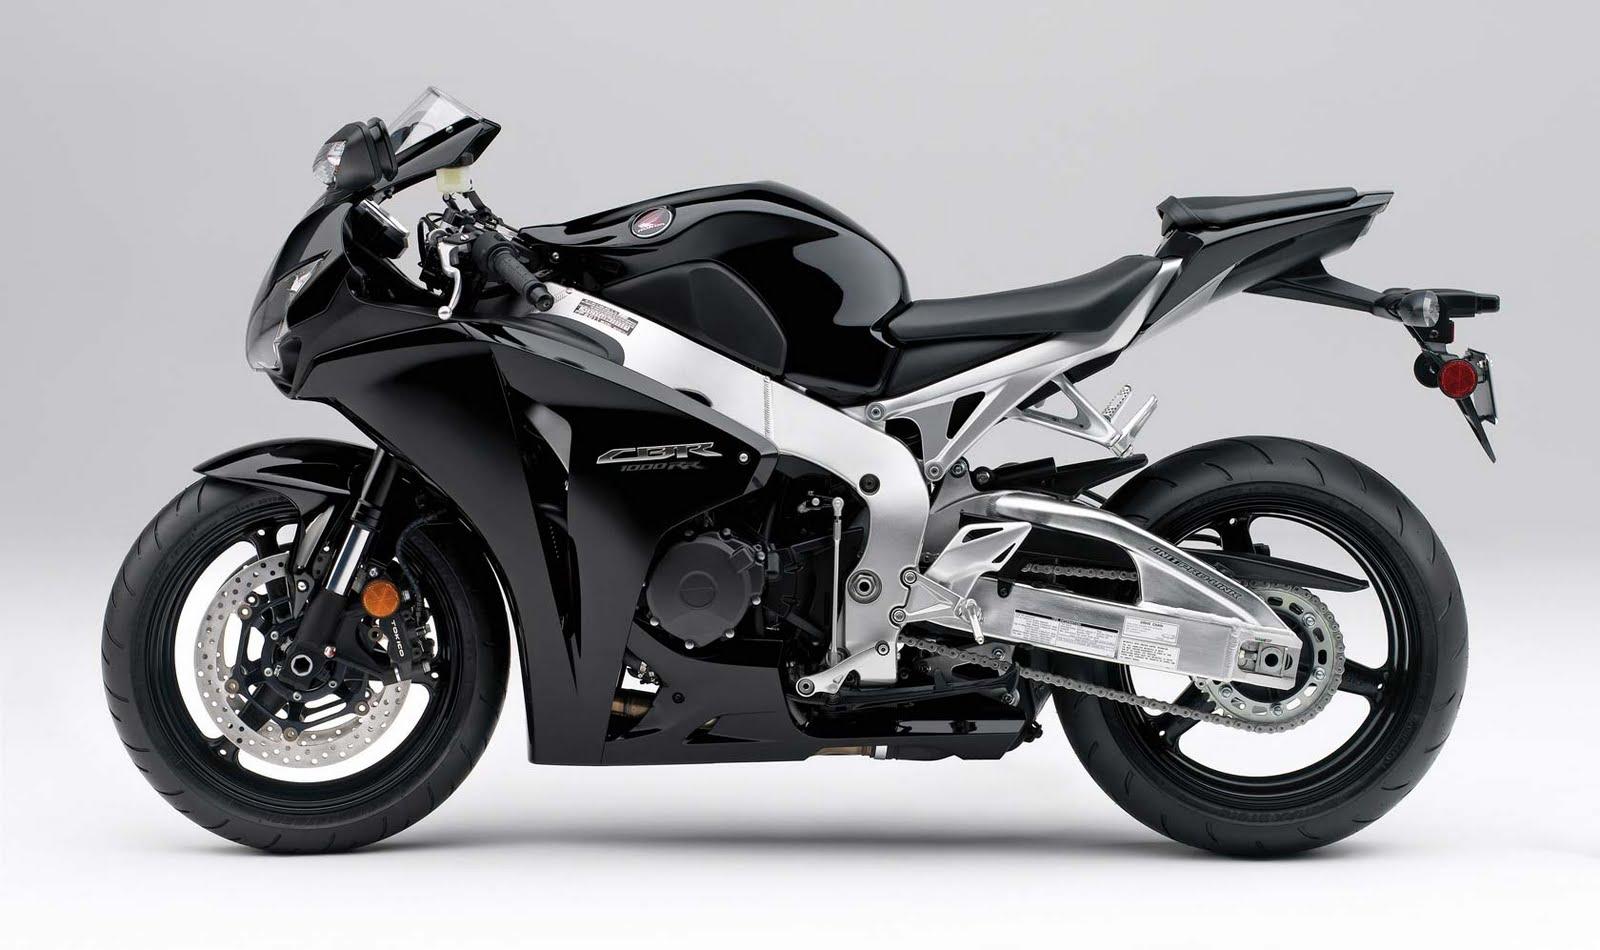 http://1.bp.blogspot.com/-Tf93GA4XSDI/TeU3DHniZaI/AAAAAAAAAlY/3uJk2UrffxE/s1600/2011-Honda-CBR1000RR-Black-Series.jpg